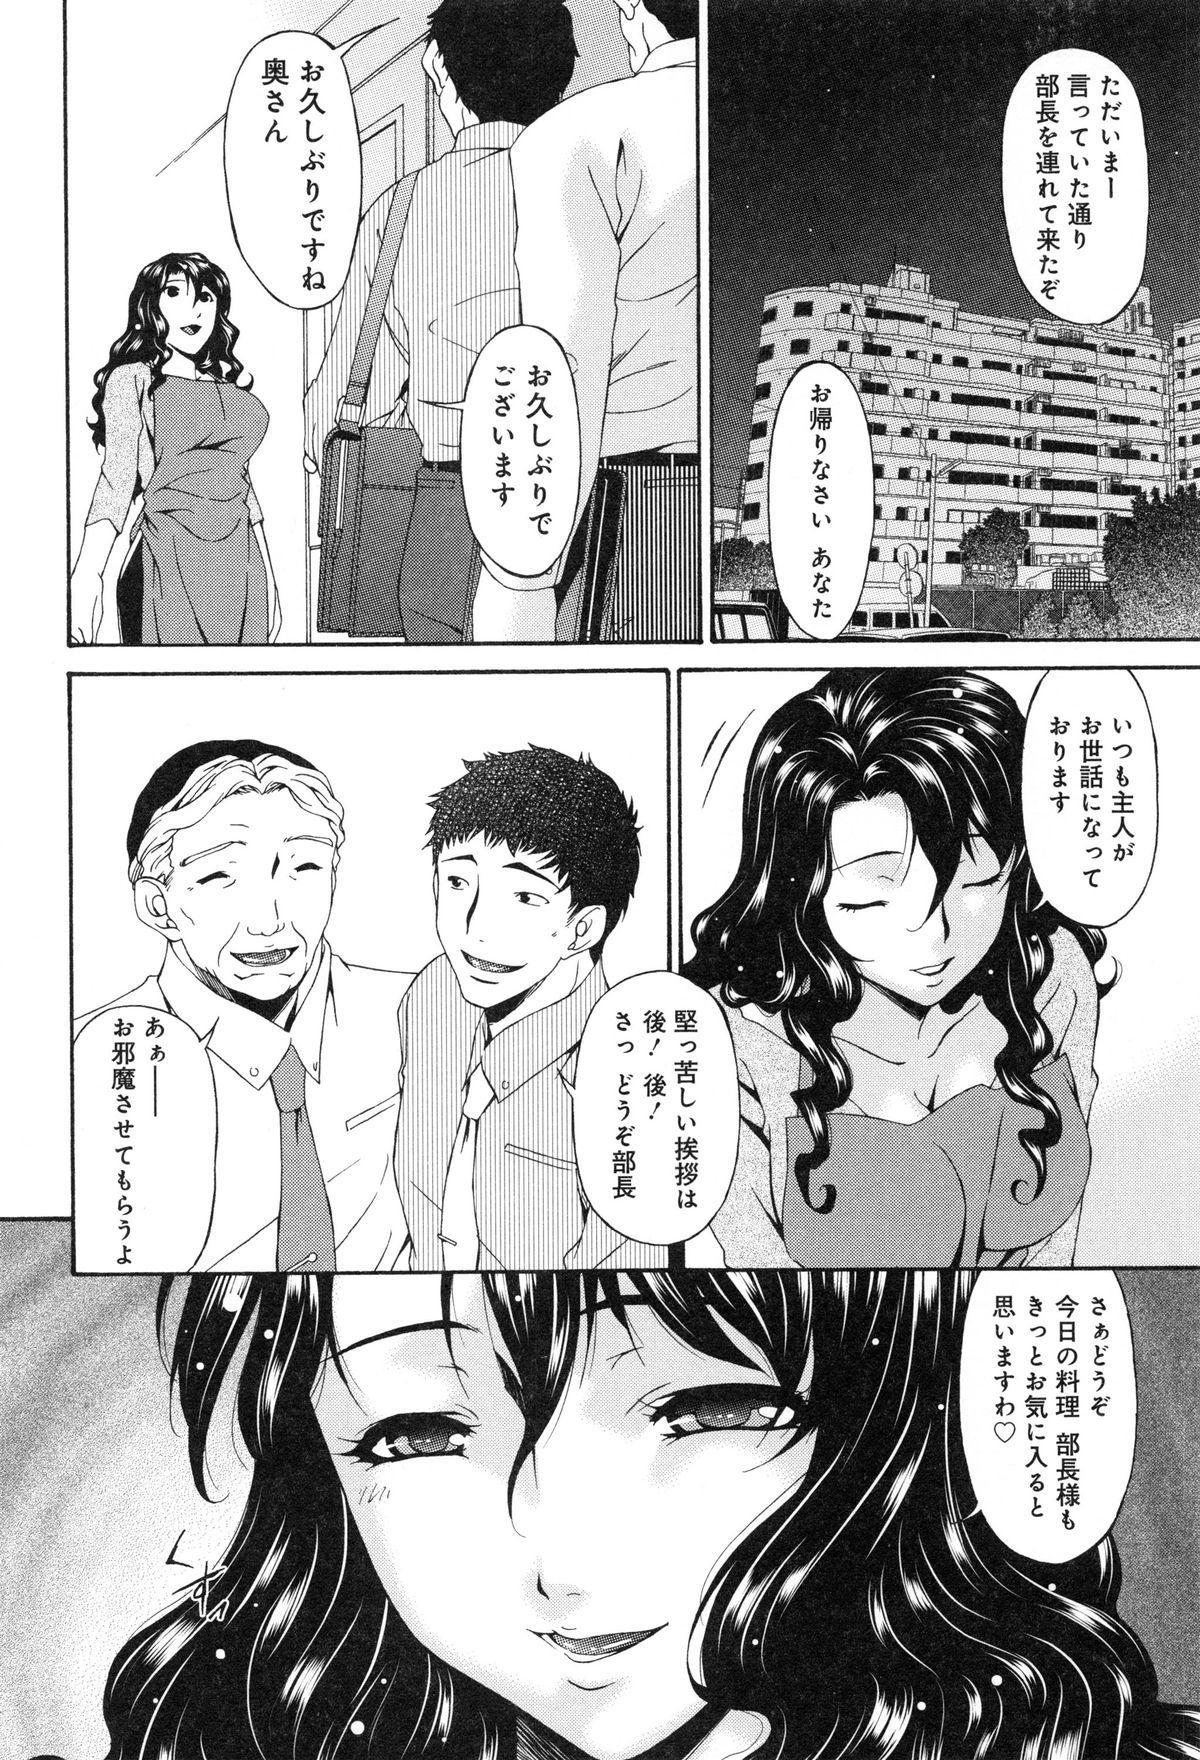 Shinshoku no Toki 184